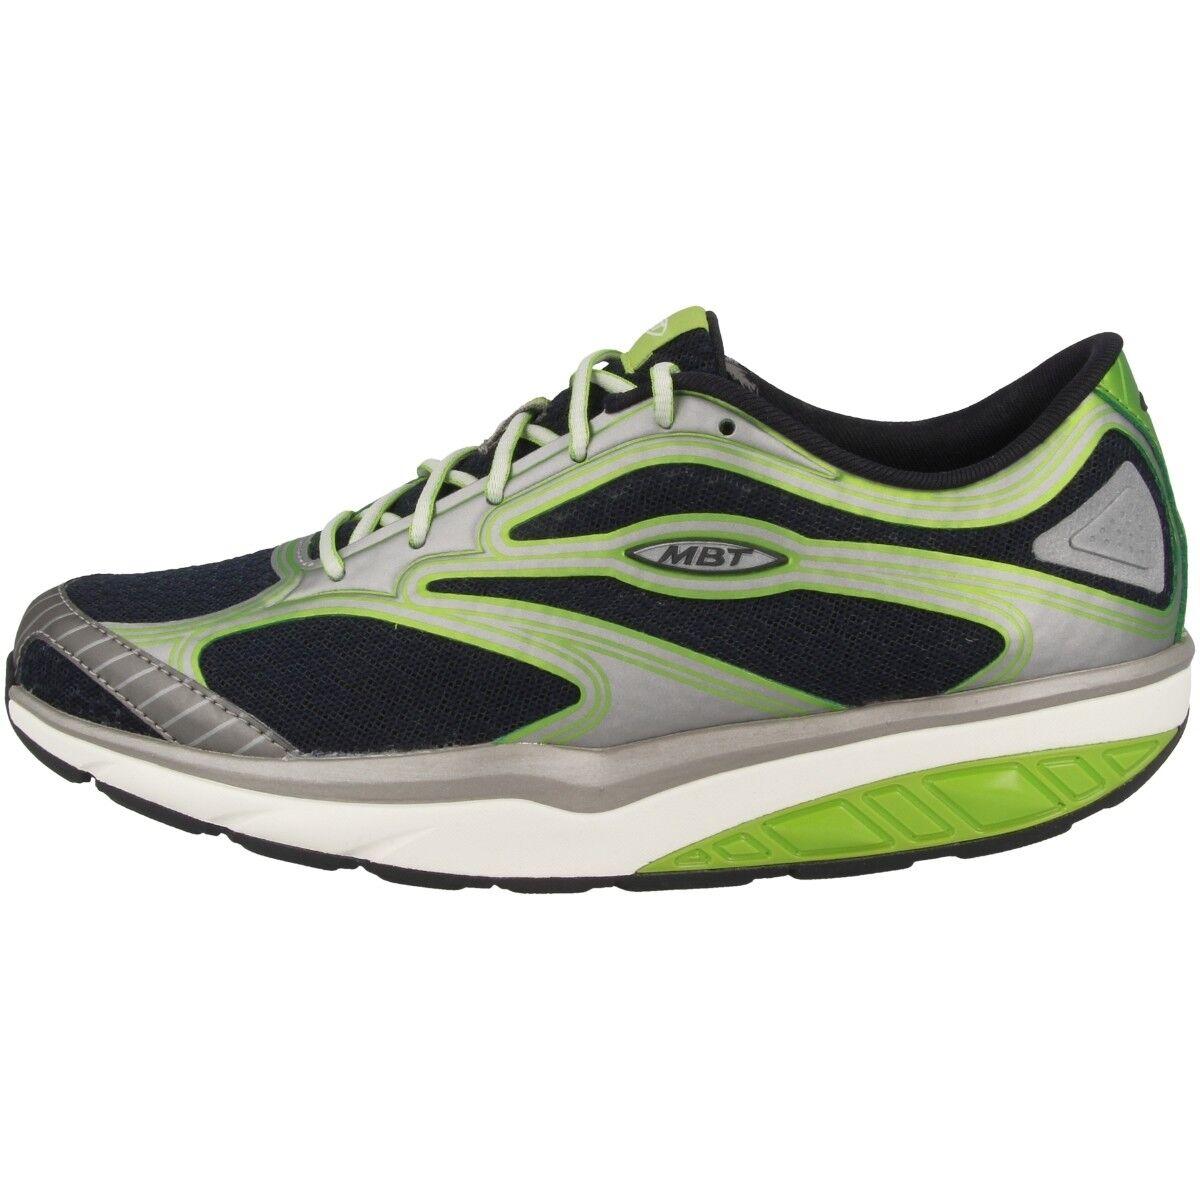 MBT 700342-913Y Afiya Lace Damens Schuhe Damen Fitness Gesundheitsschuhe Turnschuhe 700342-913Y MBT c304ac